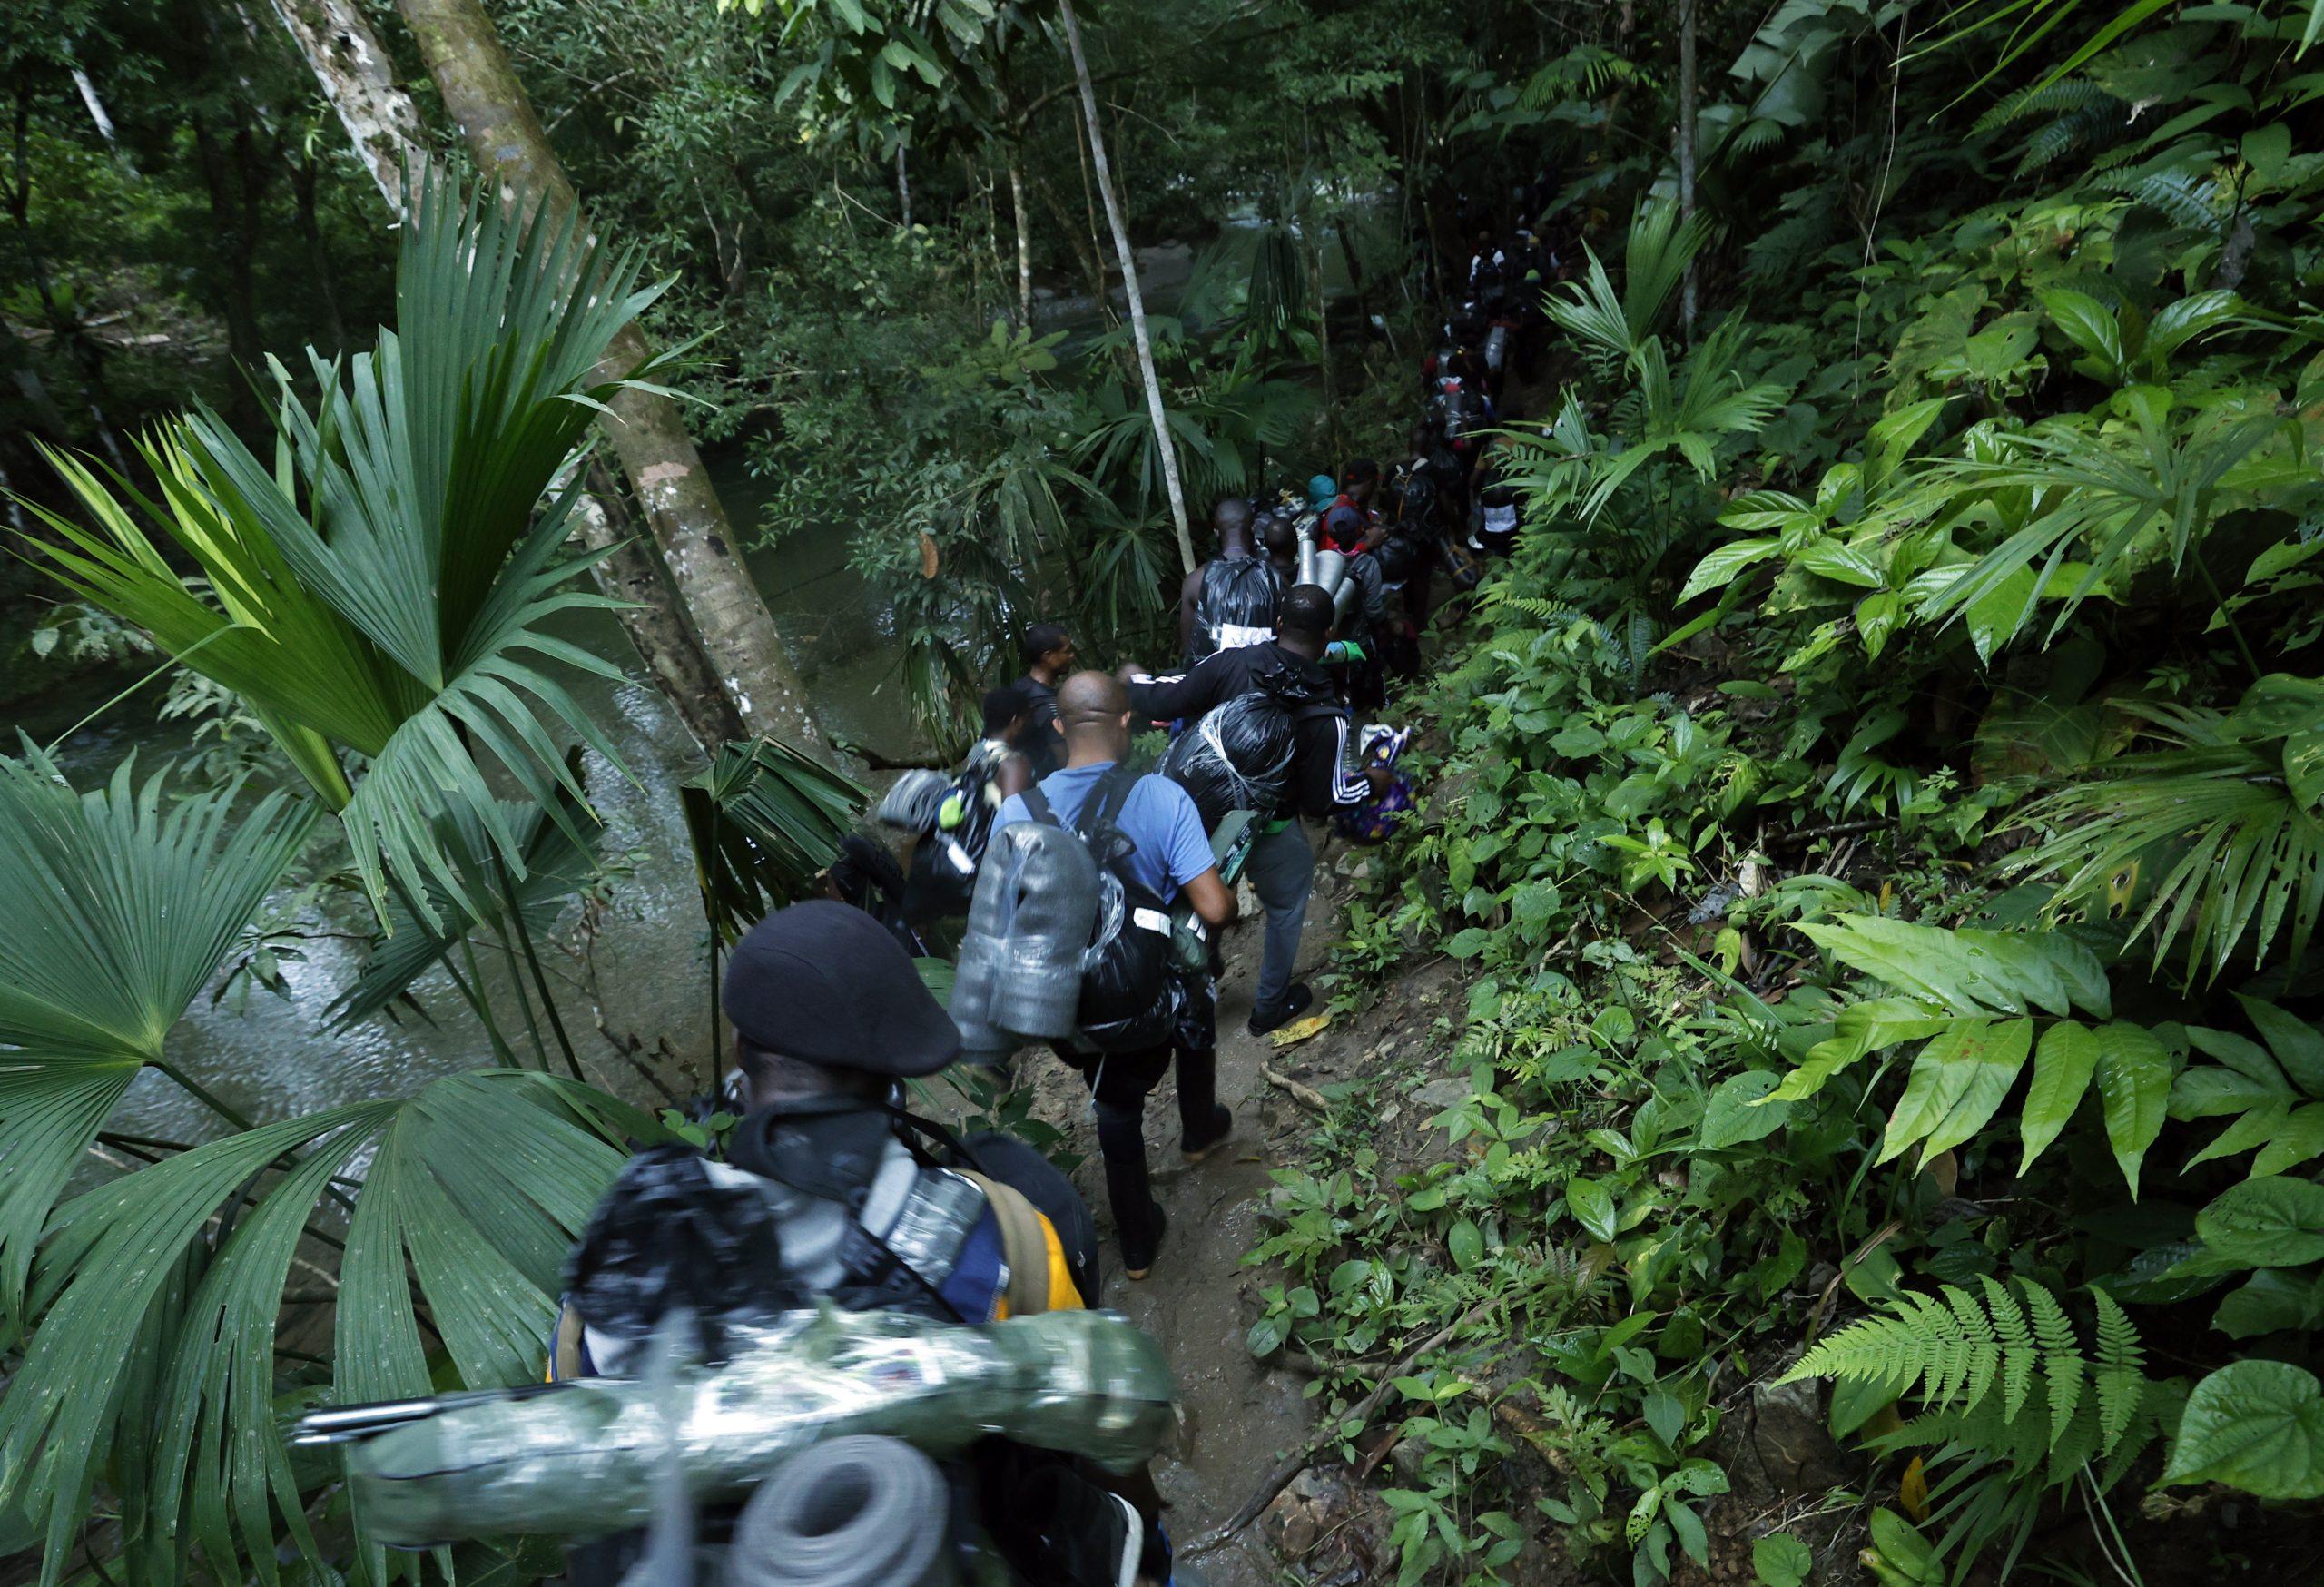 Guatemala aún no está preparada para enfrentar la inminente ola migratoria - Prensa Libre